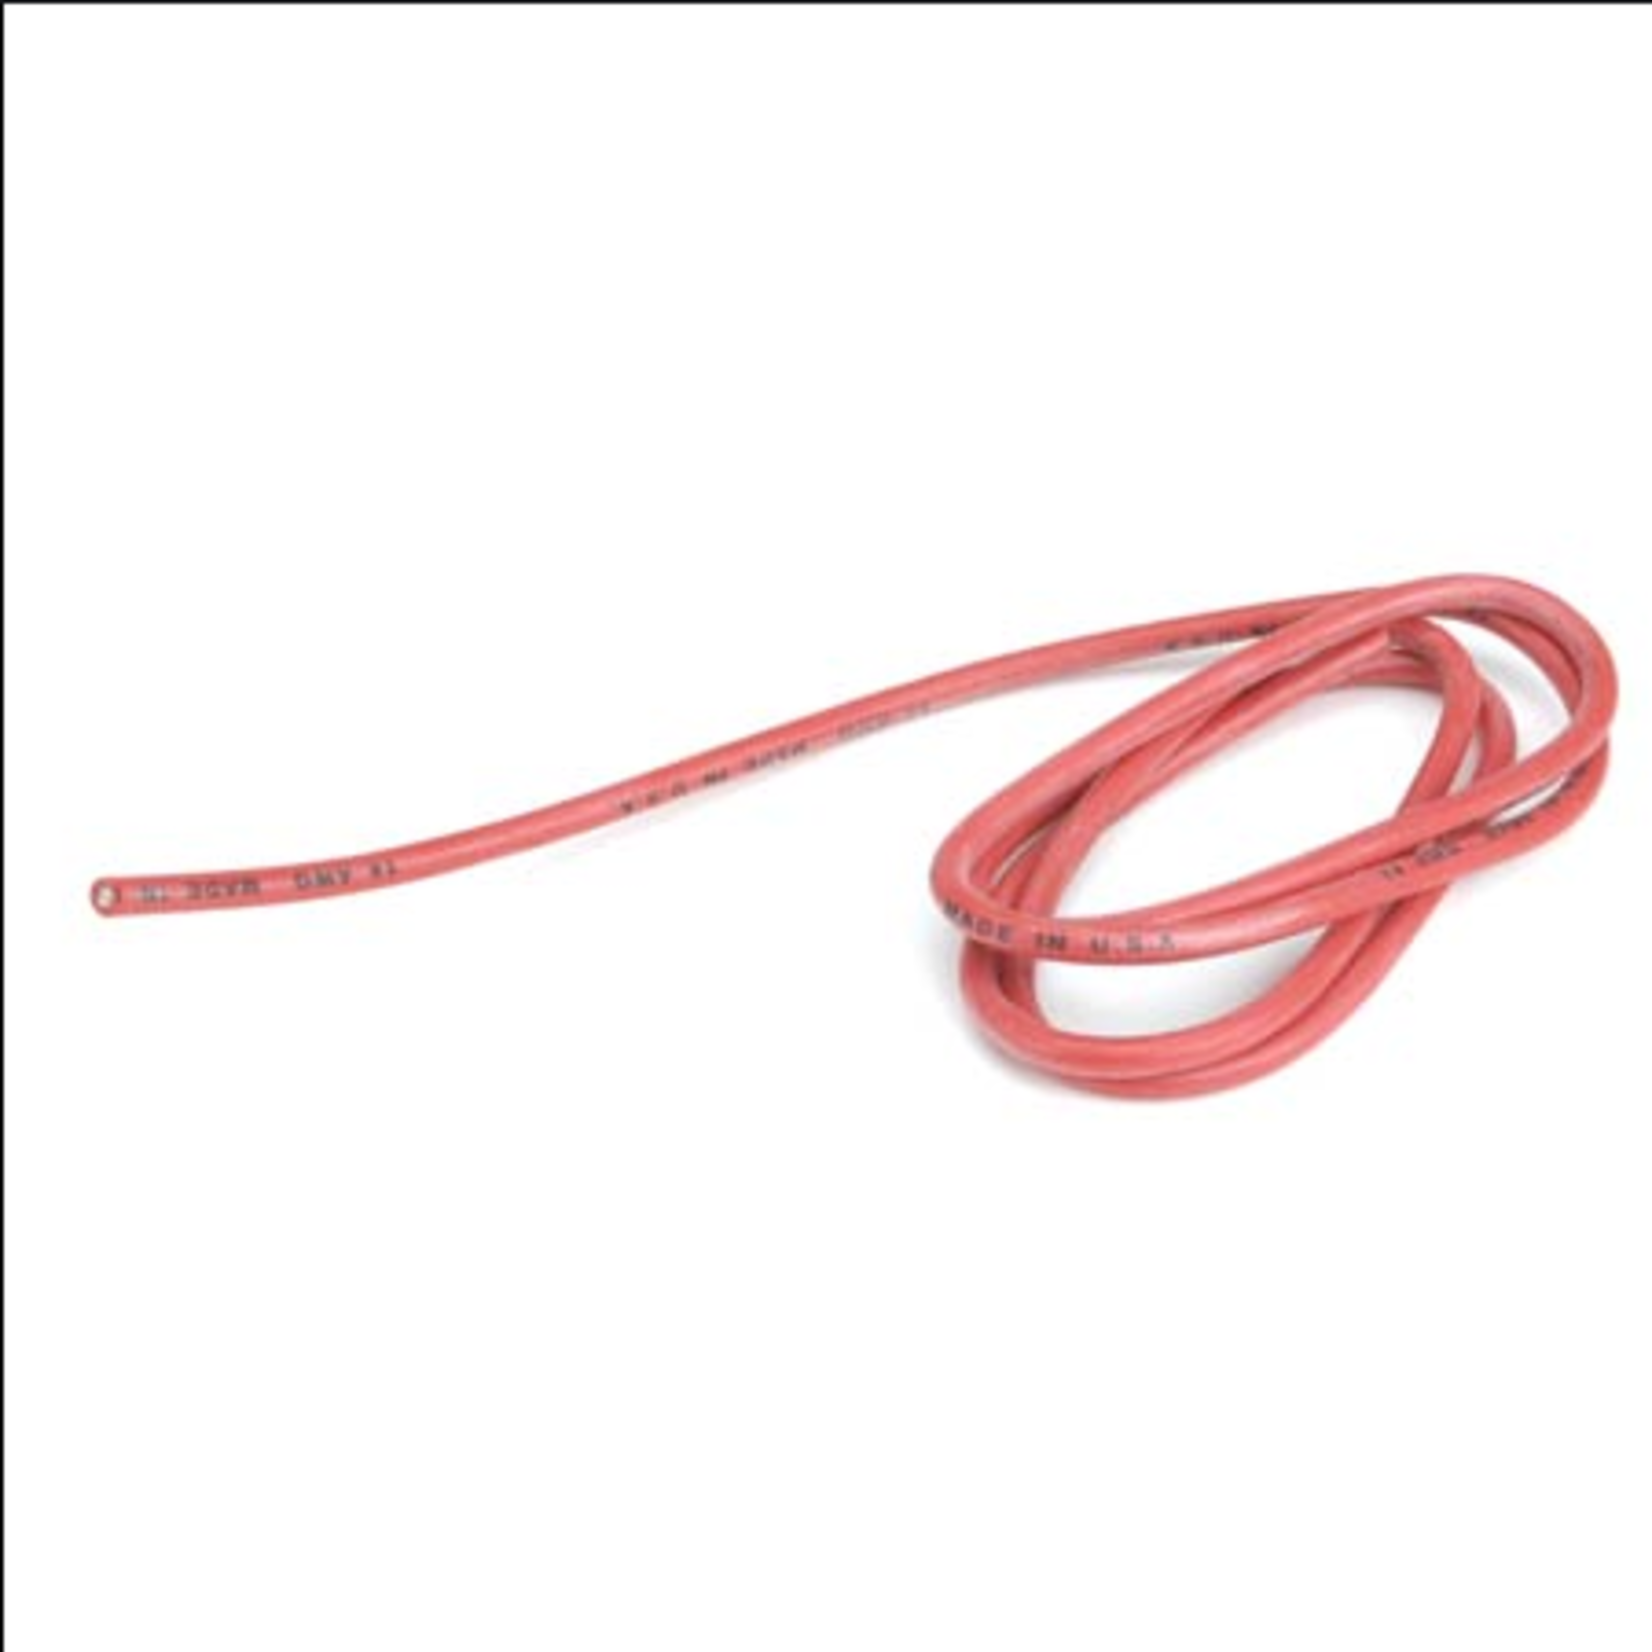 Dynamite DYN8840 Dynamite 14 awg Silicone Wire 3' Red